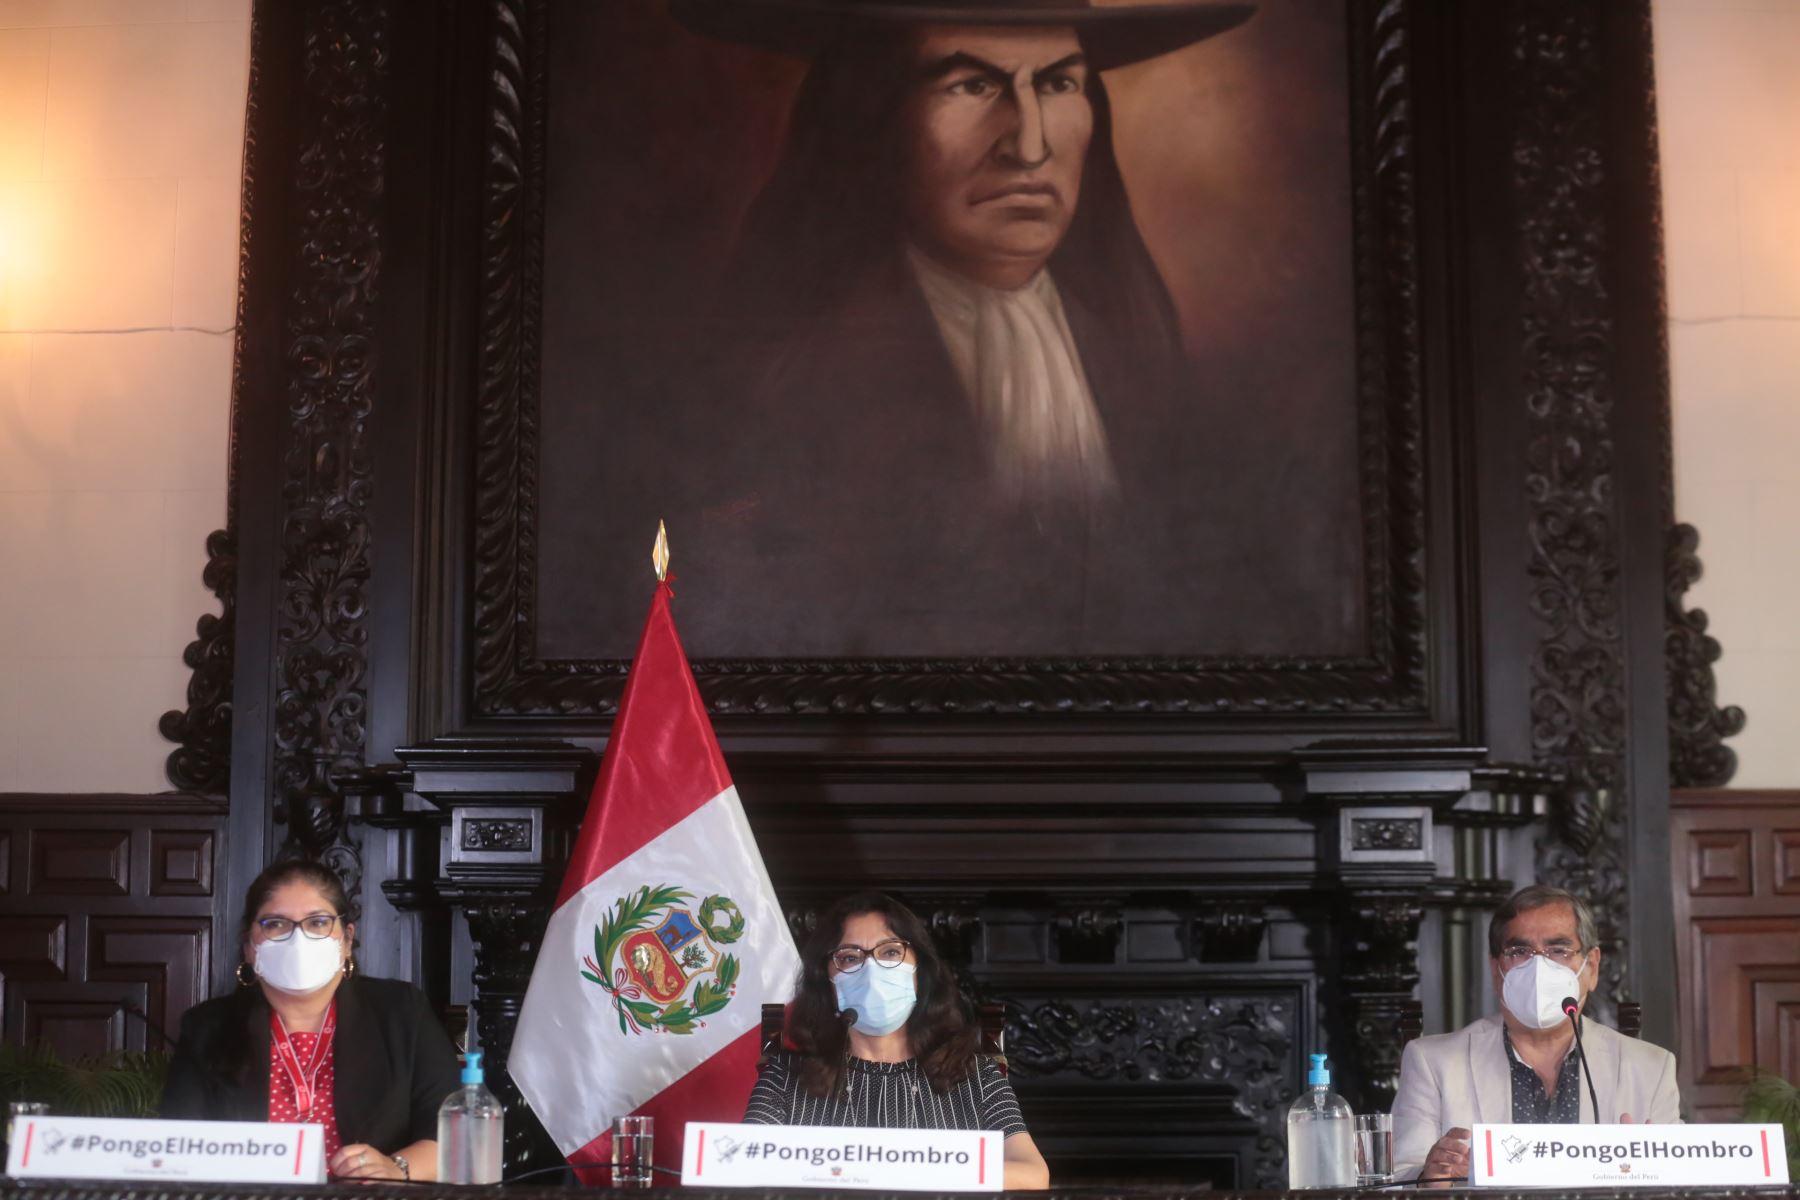 Presidenta del Consejo de Ministros, Violeta Bermúdez, junto a ministros de Defensa y Salud brindan conferencia de prensa e   informa acuerdos asumidos por el Ejecutivo. Foto: PCM